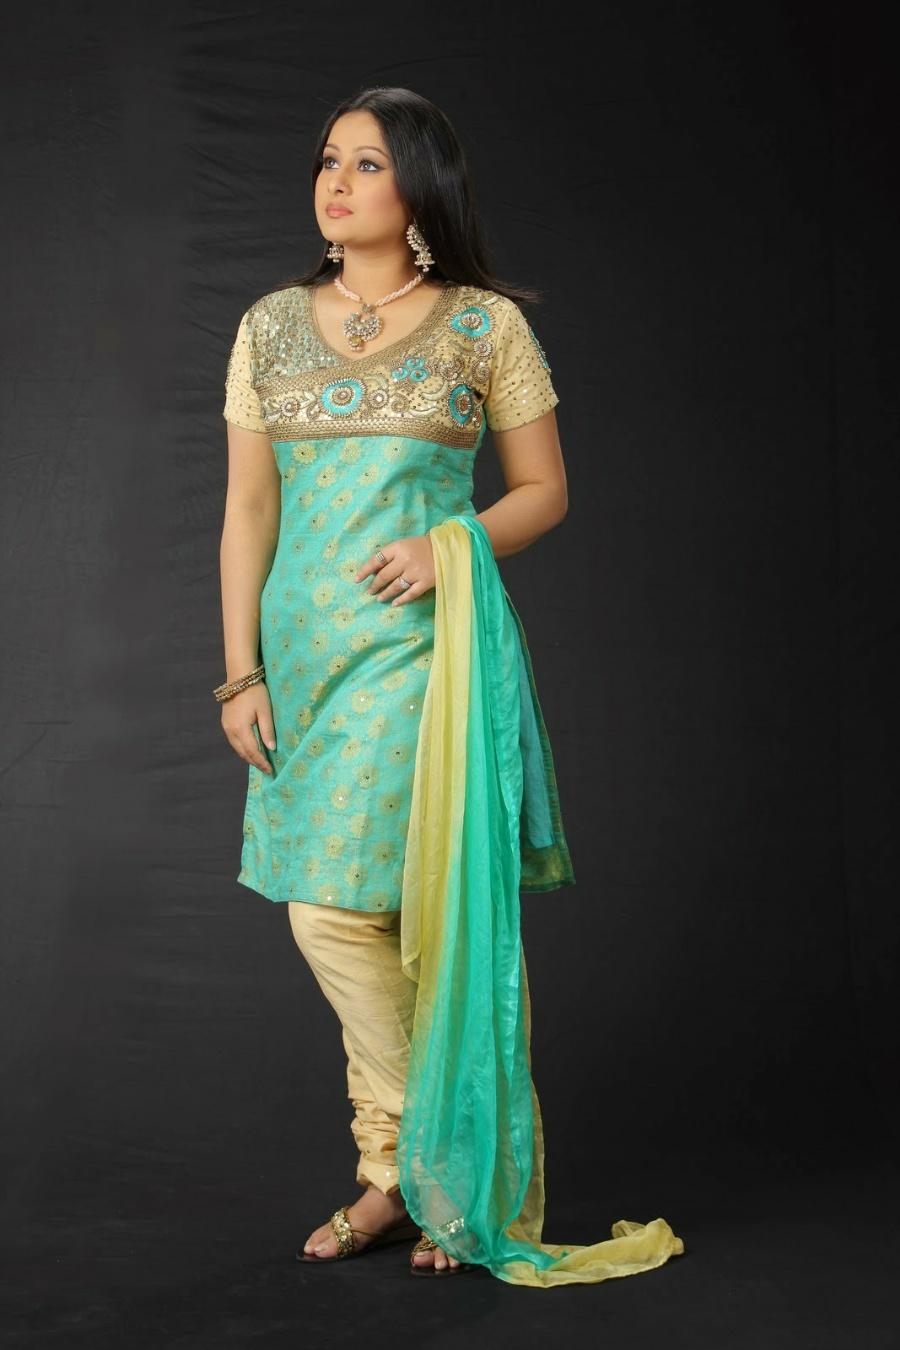 Actress Purnima Best Photos 15